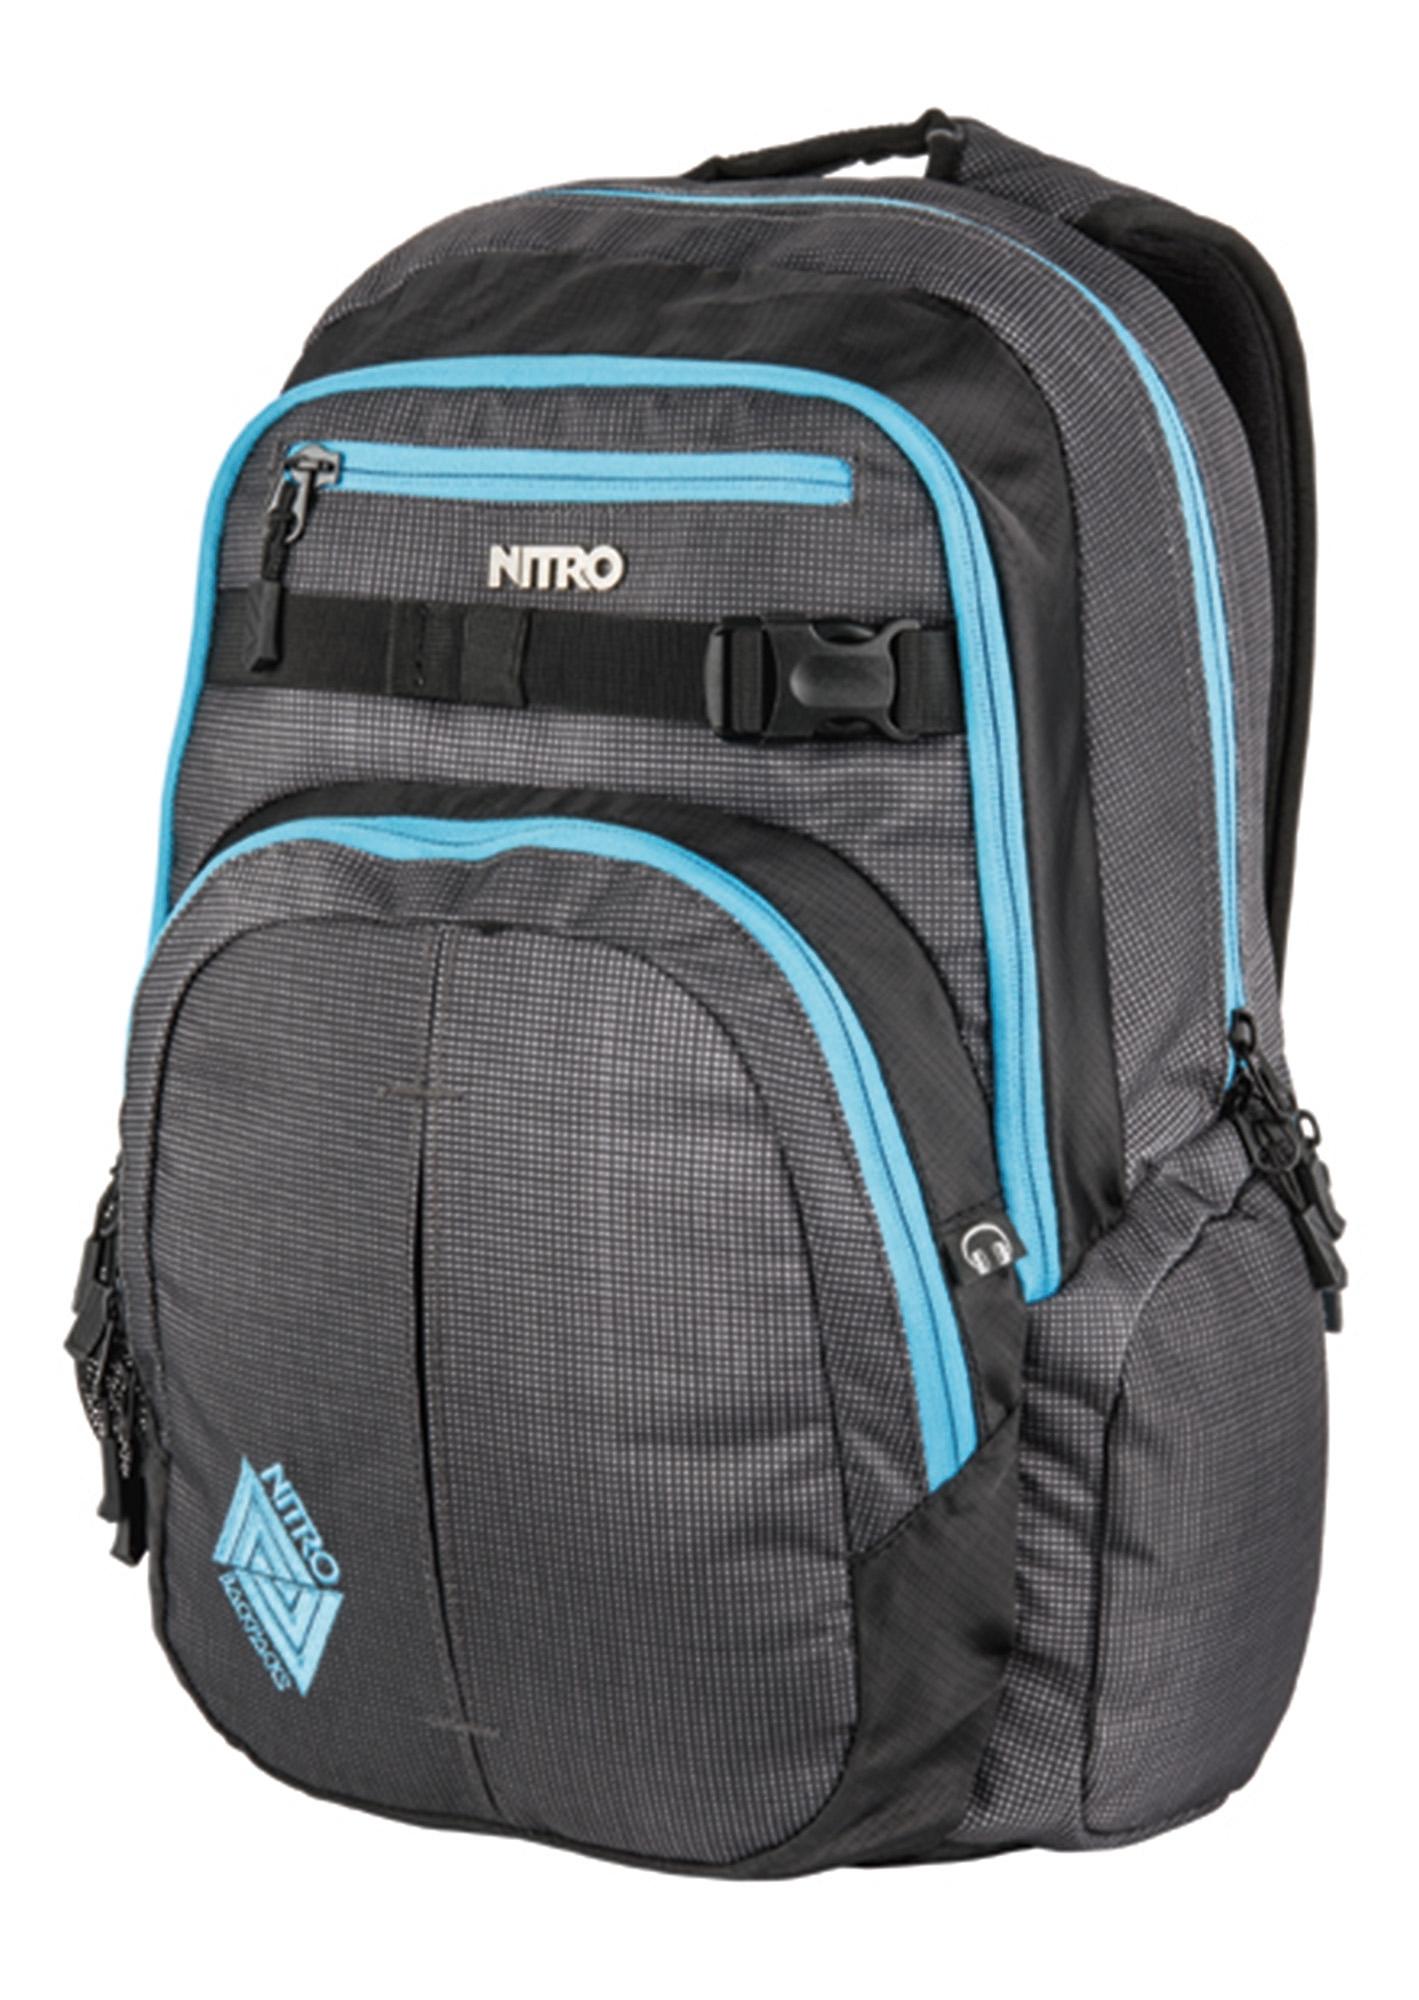 Nitro schoolrugzak, »Chase - Blur - Blue Trims« - verschillende betaalmethodes